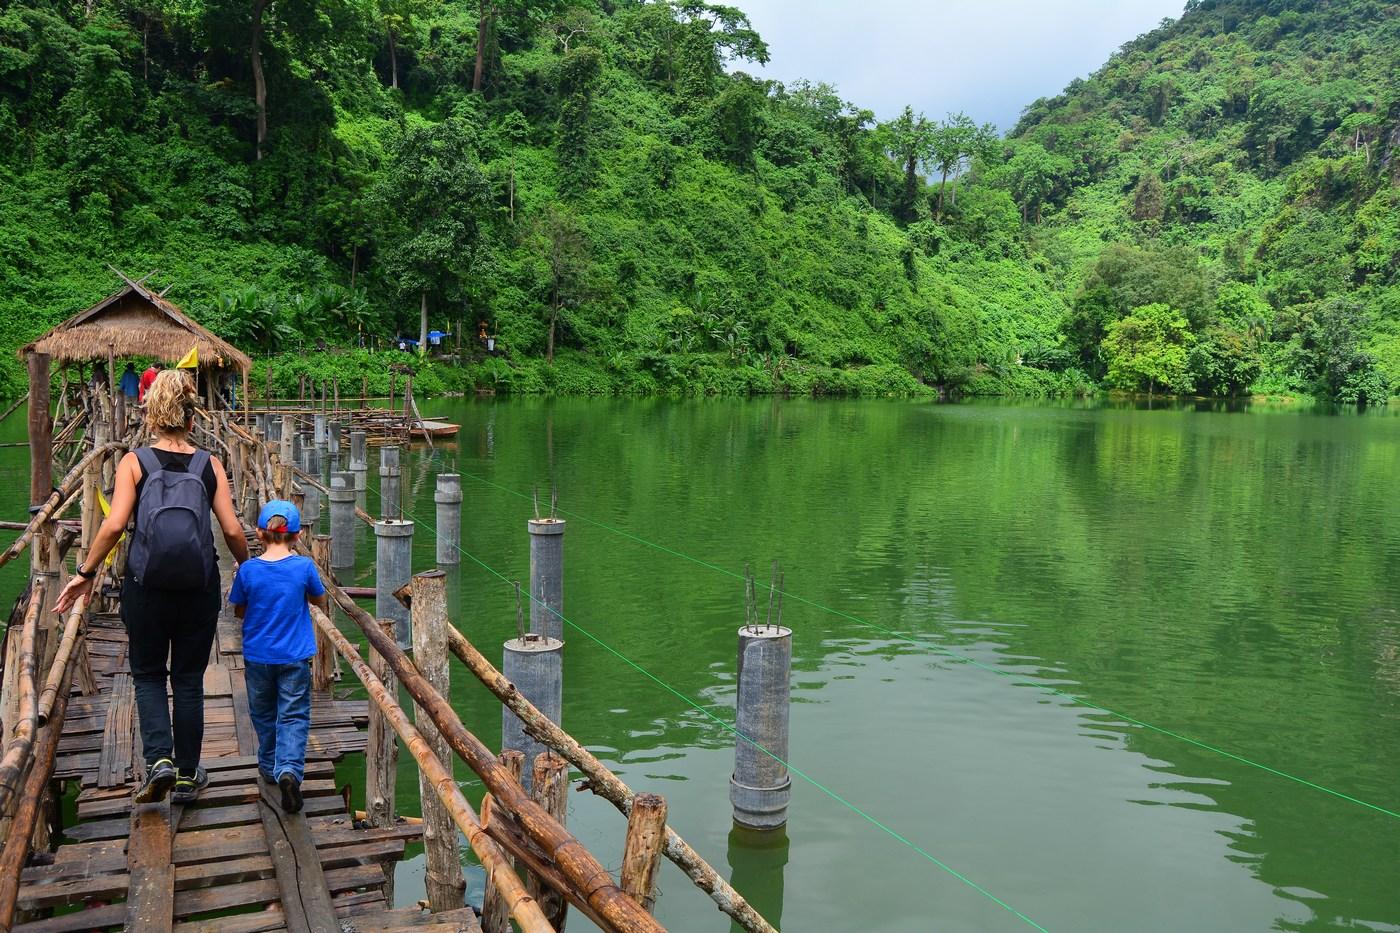 Traversée du lac pour rejoindre l'entrée de la grotte.